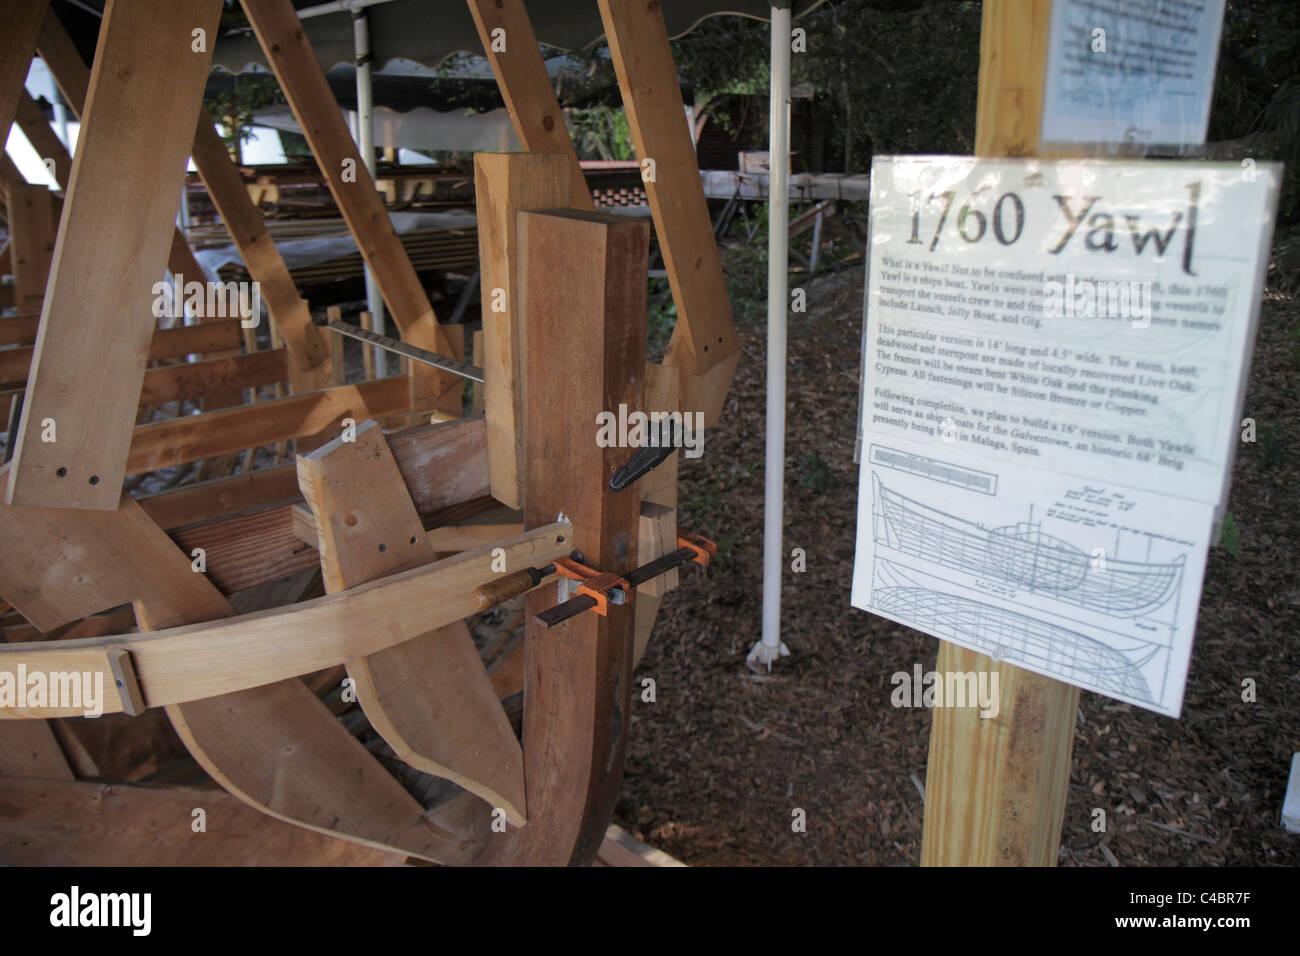 San Agustín de la Florida San Agustín Faro y construcción de barcos & Museum Exposición 1760 yawl Foto de stock